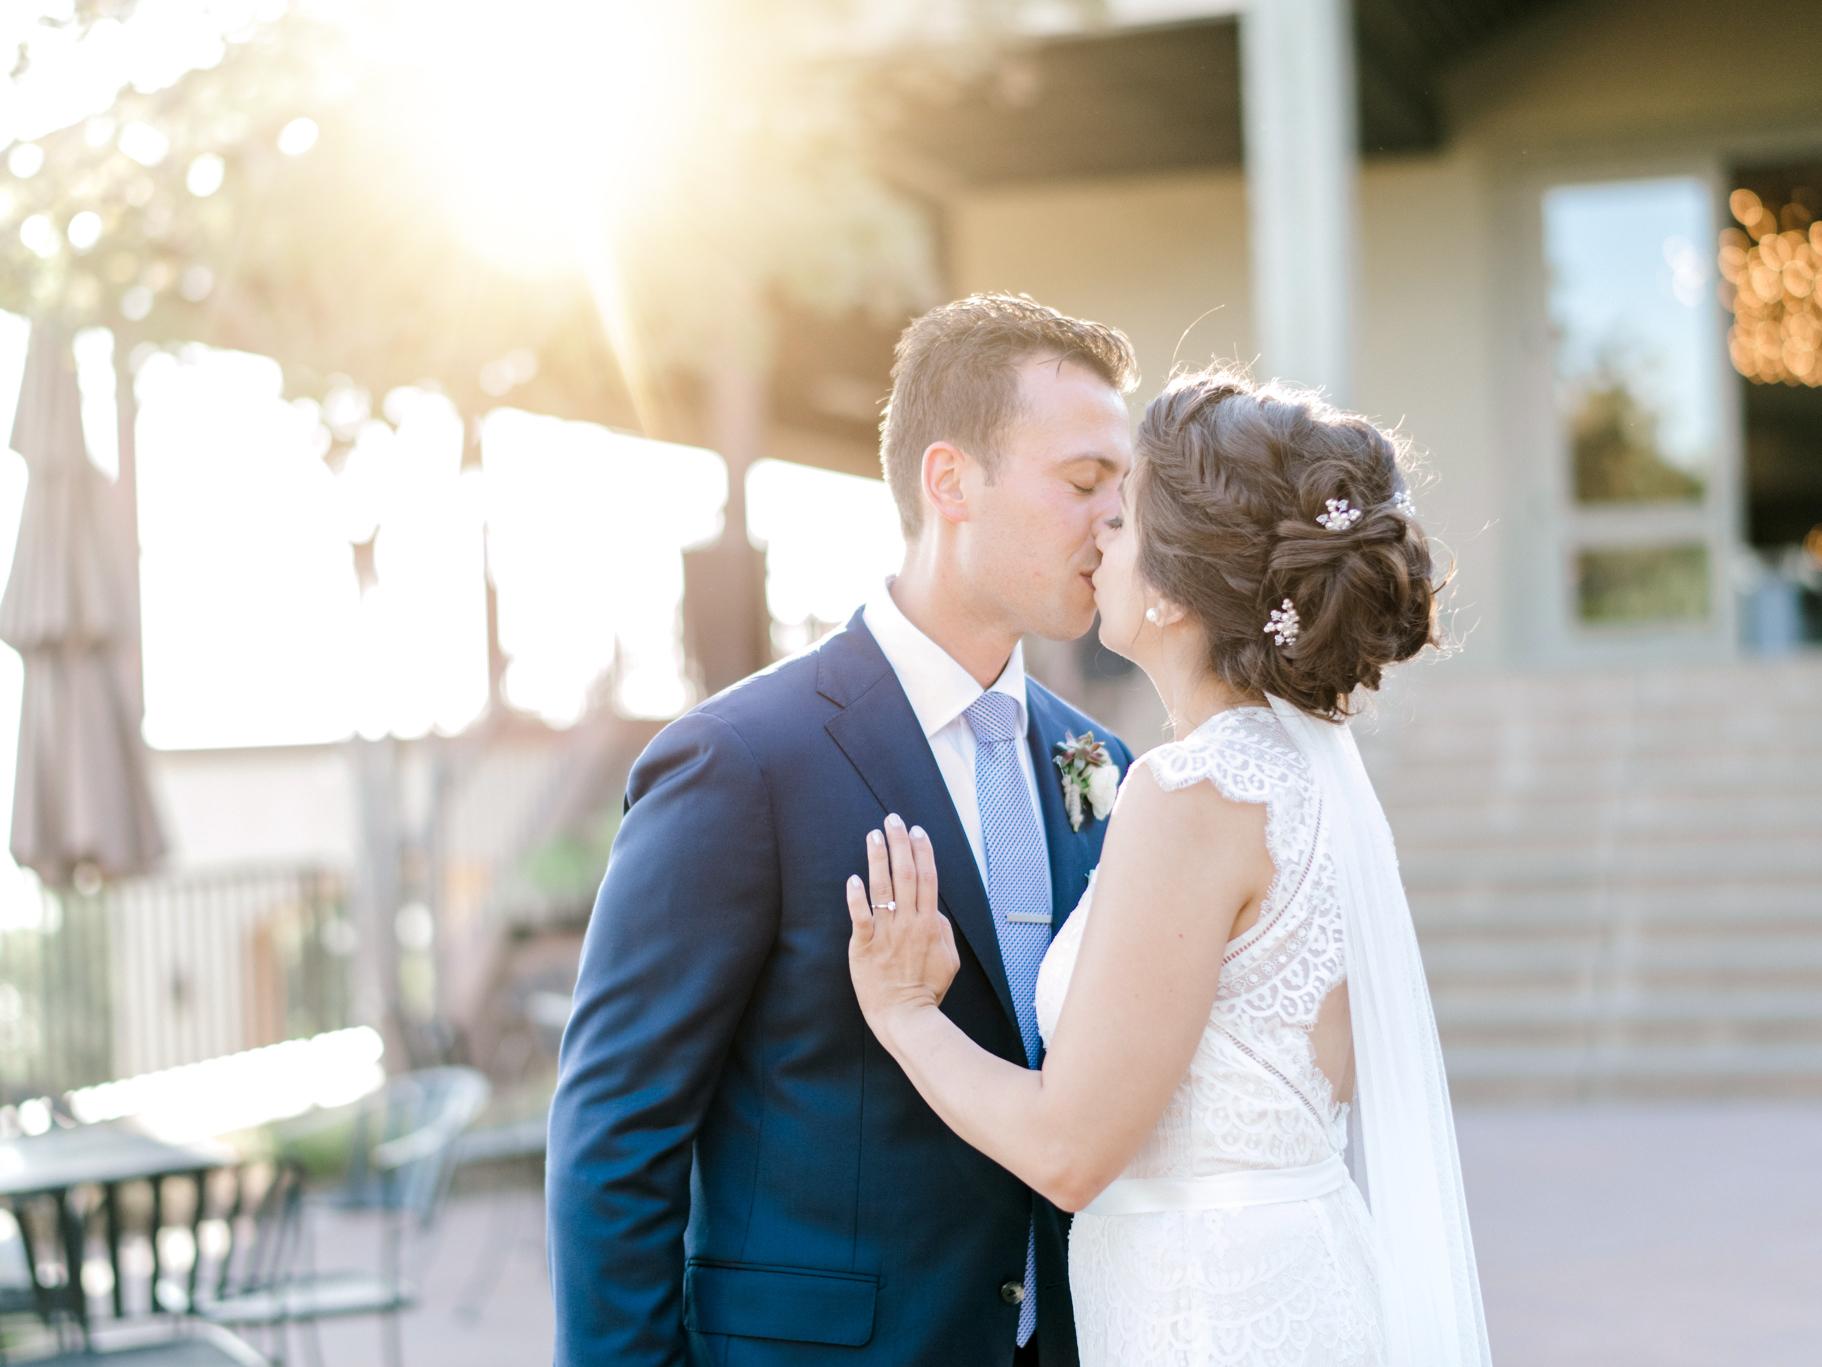 radostinaboseva_napa_wedding_california-77.jpg